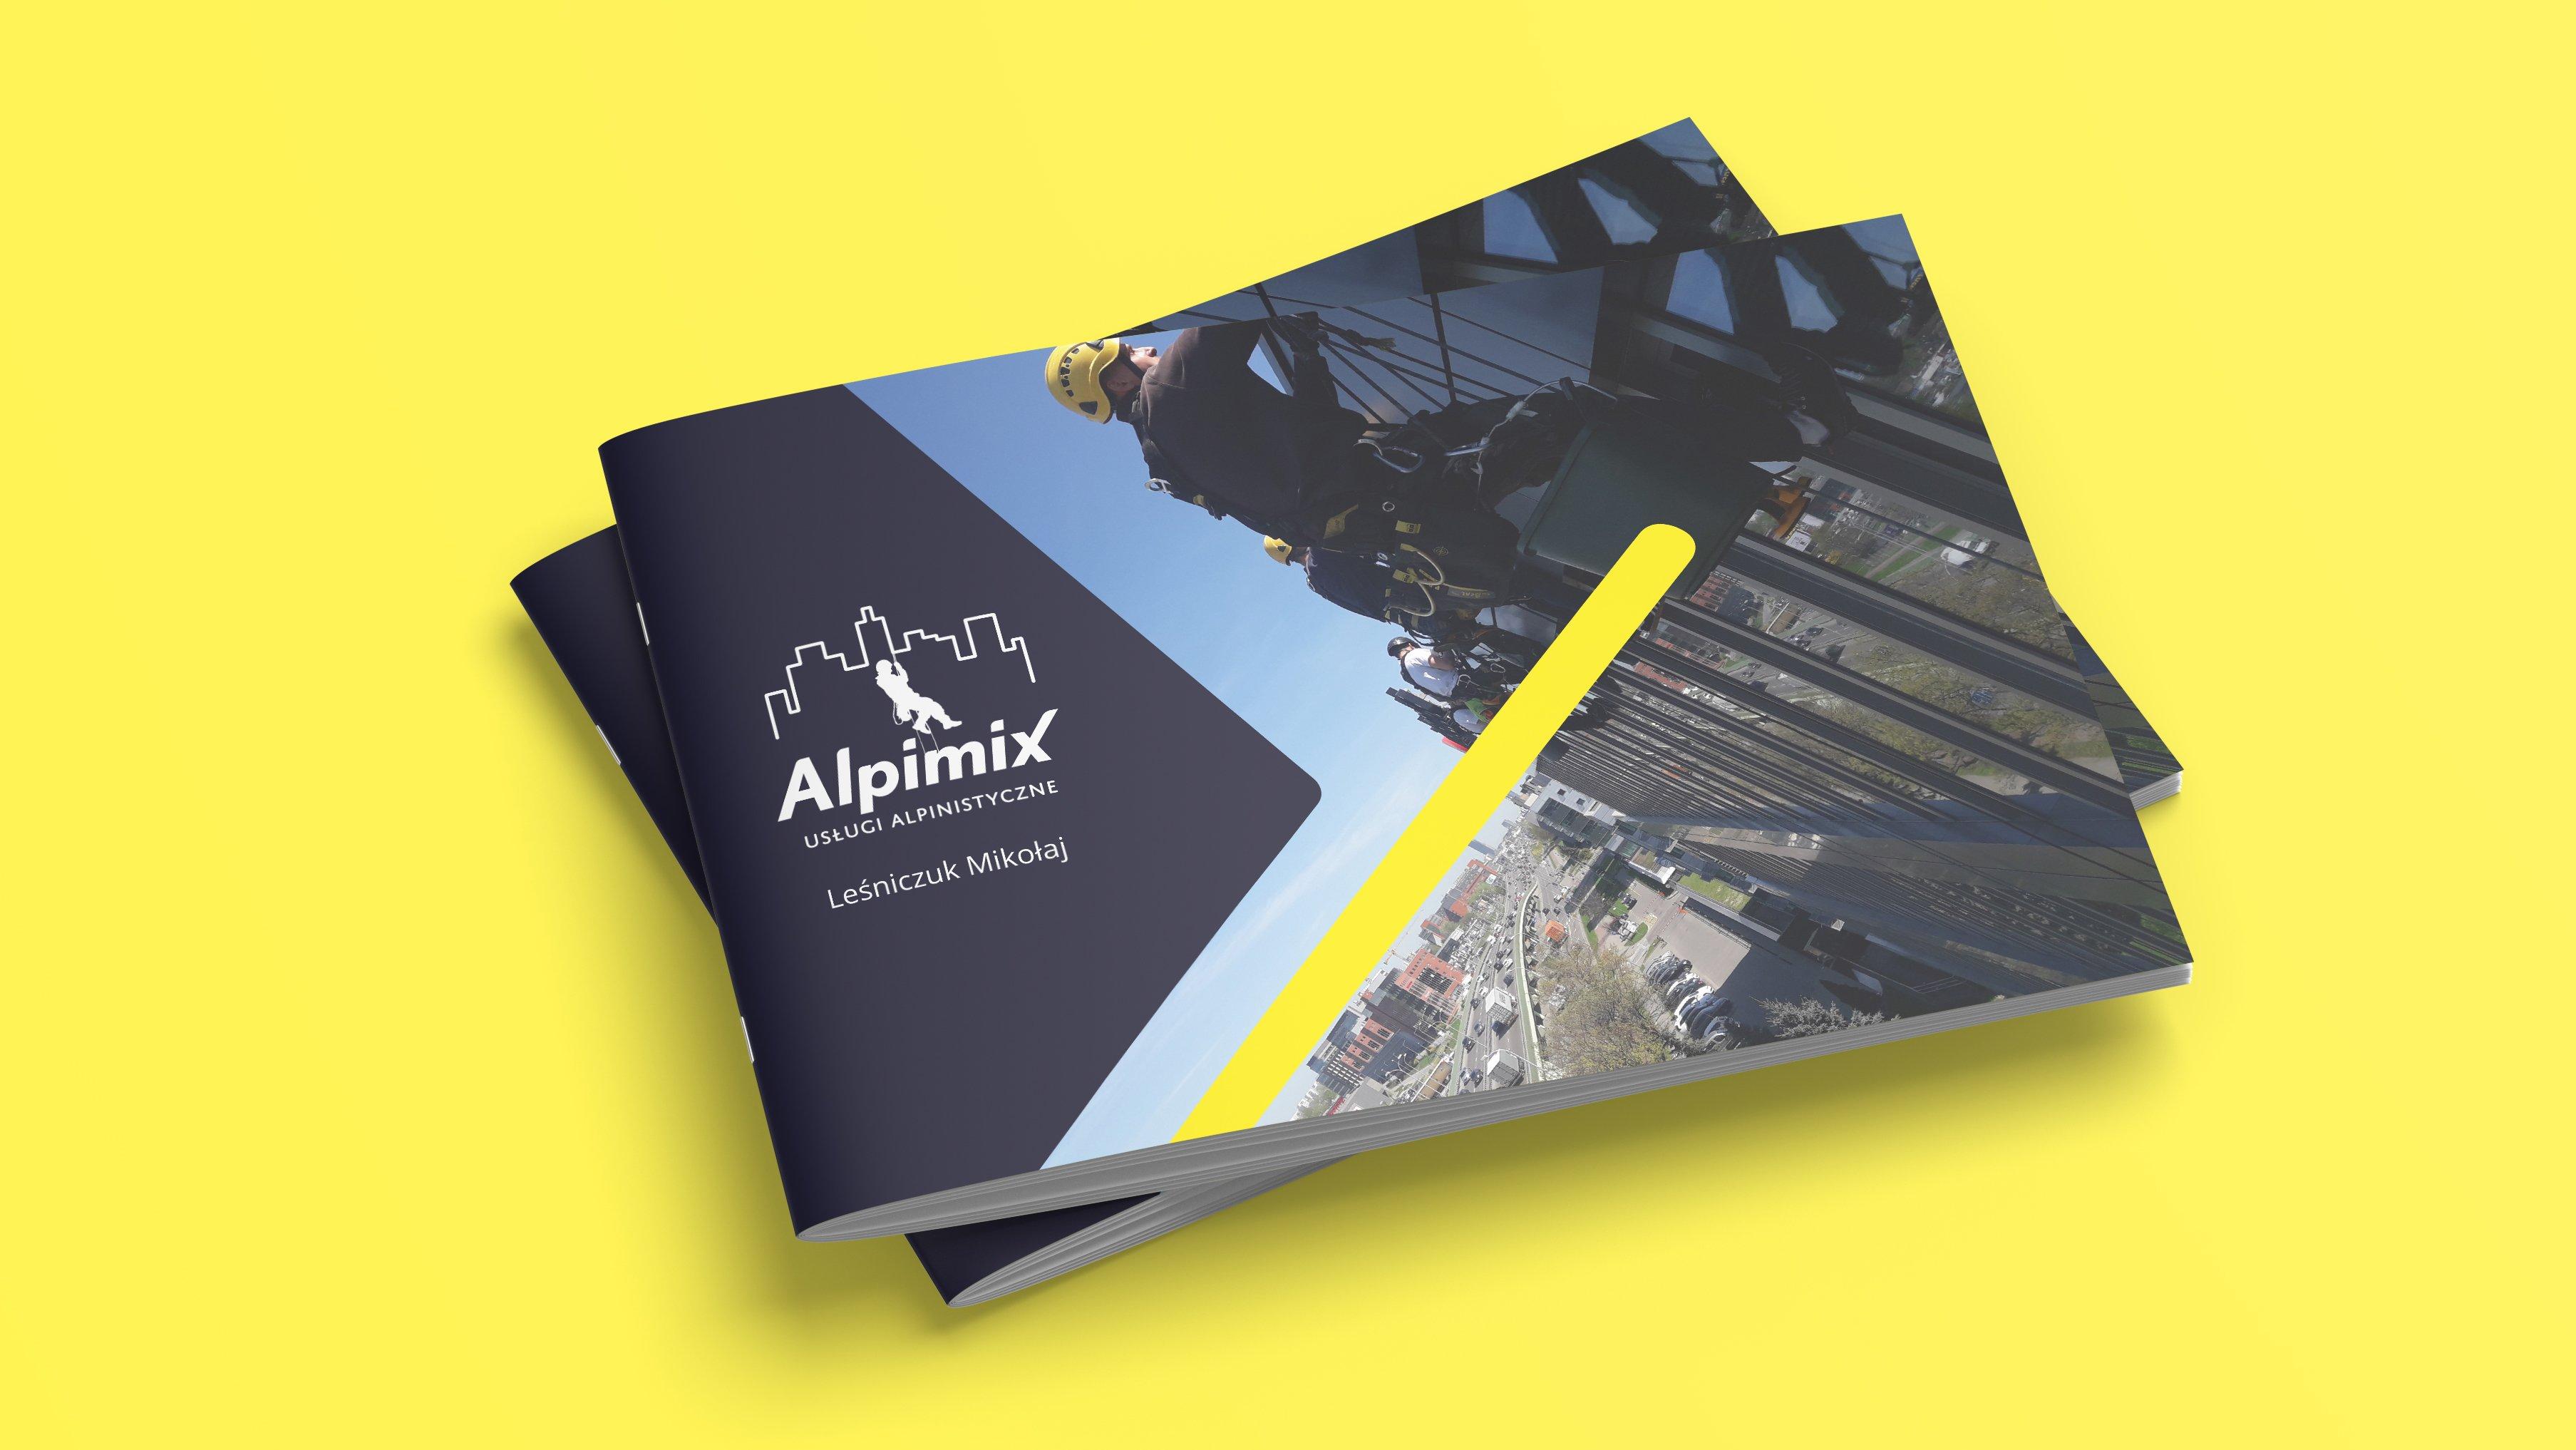 Katalog usług alpinistycznych